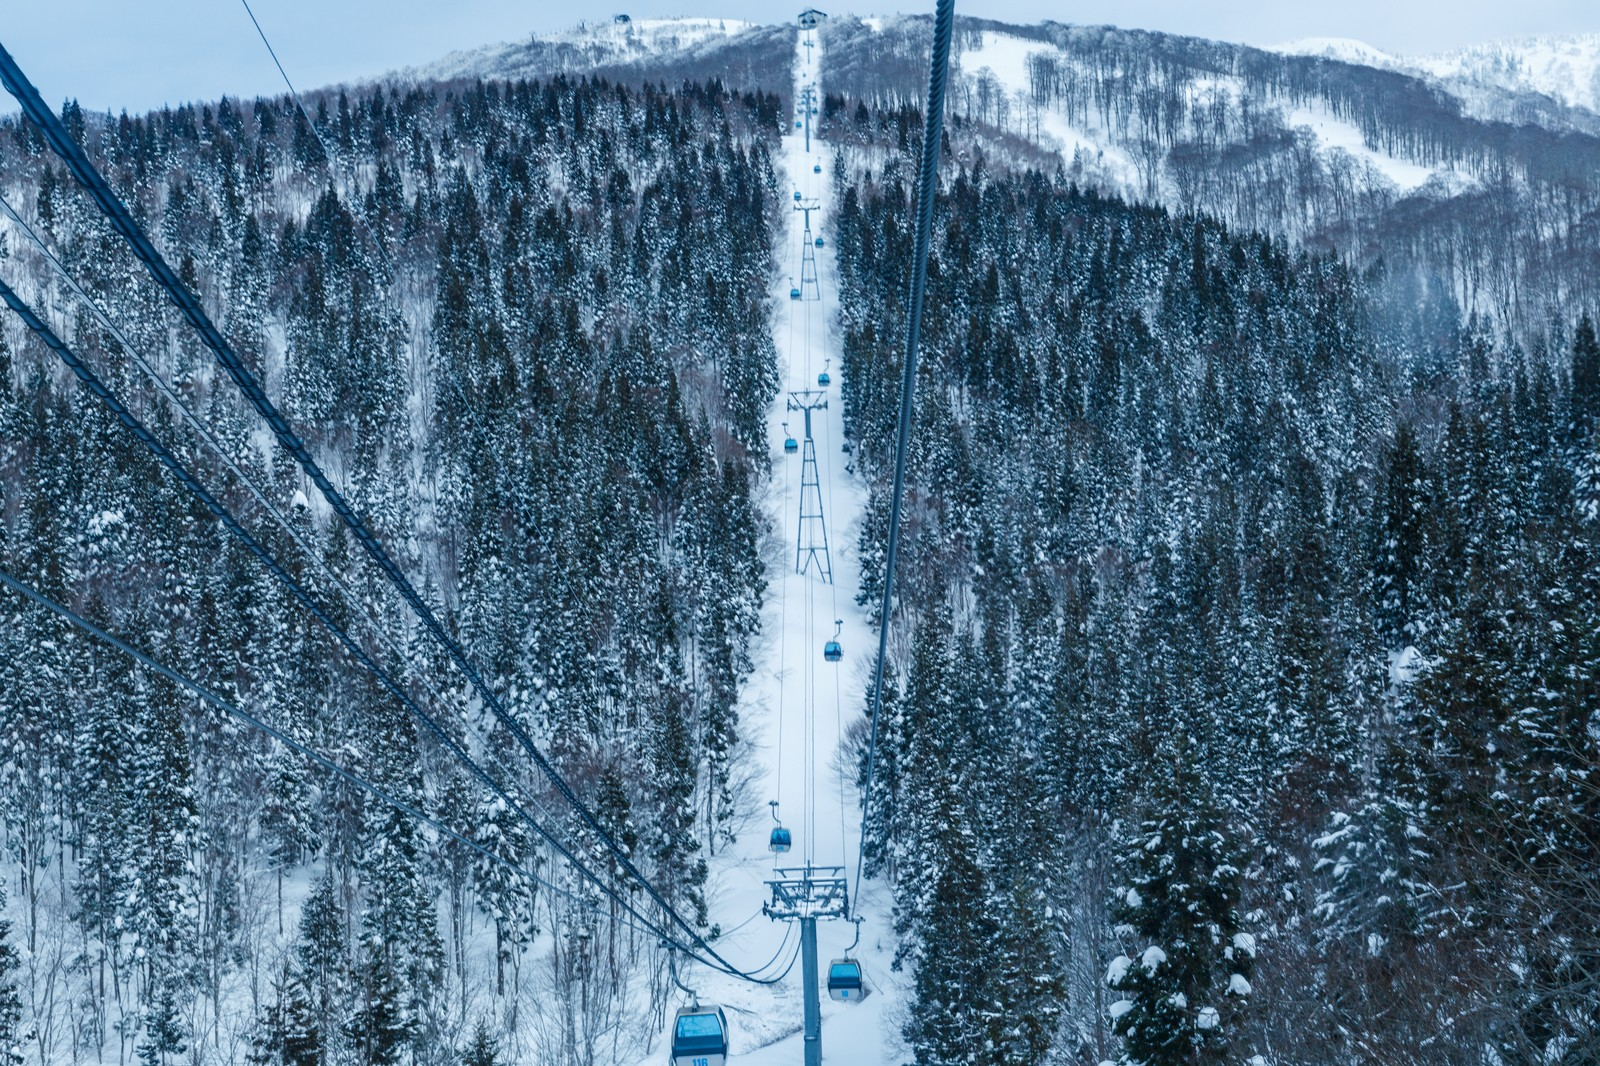 #055 富良野、冬の宿泊者数が増えている!